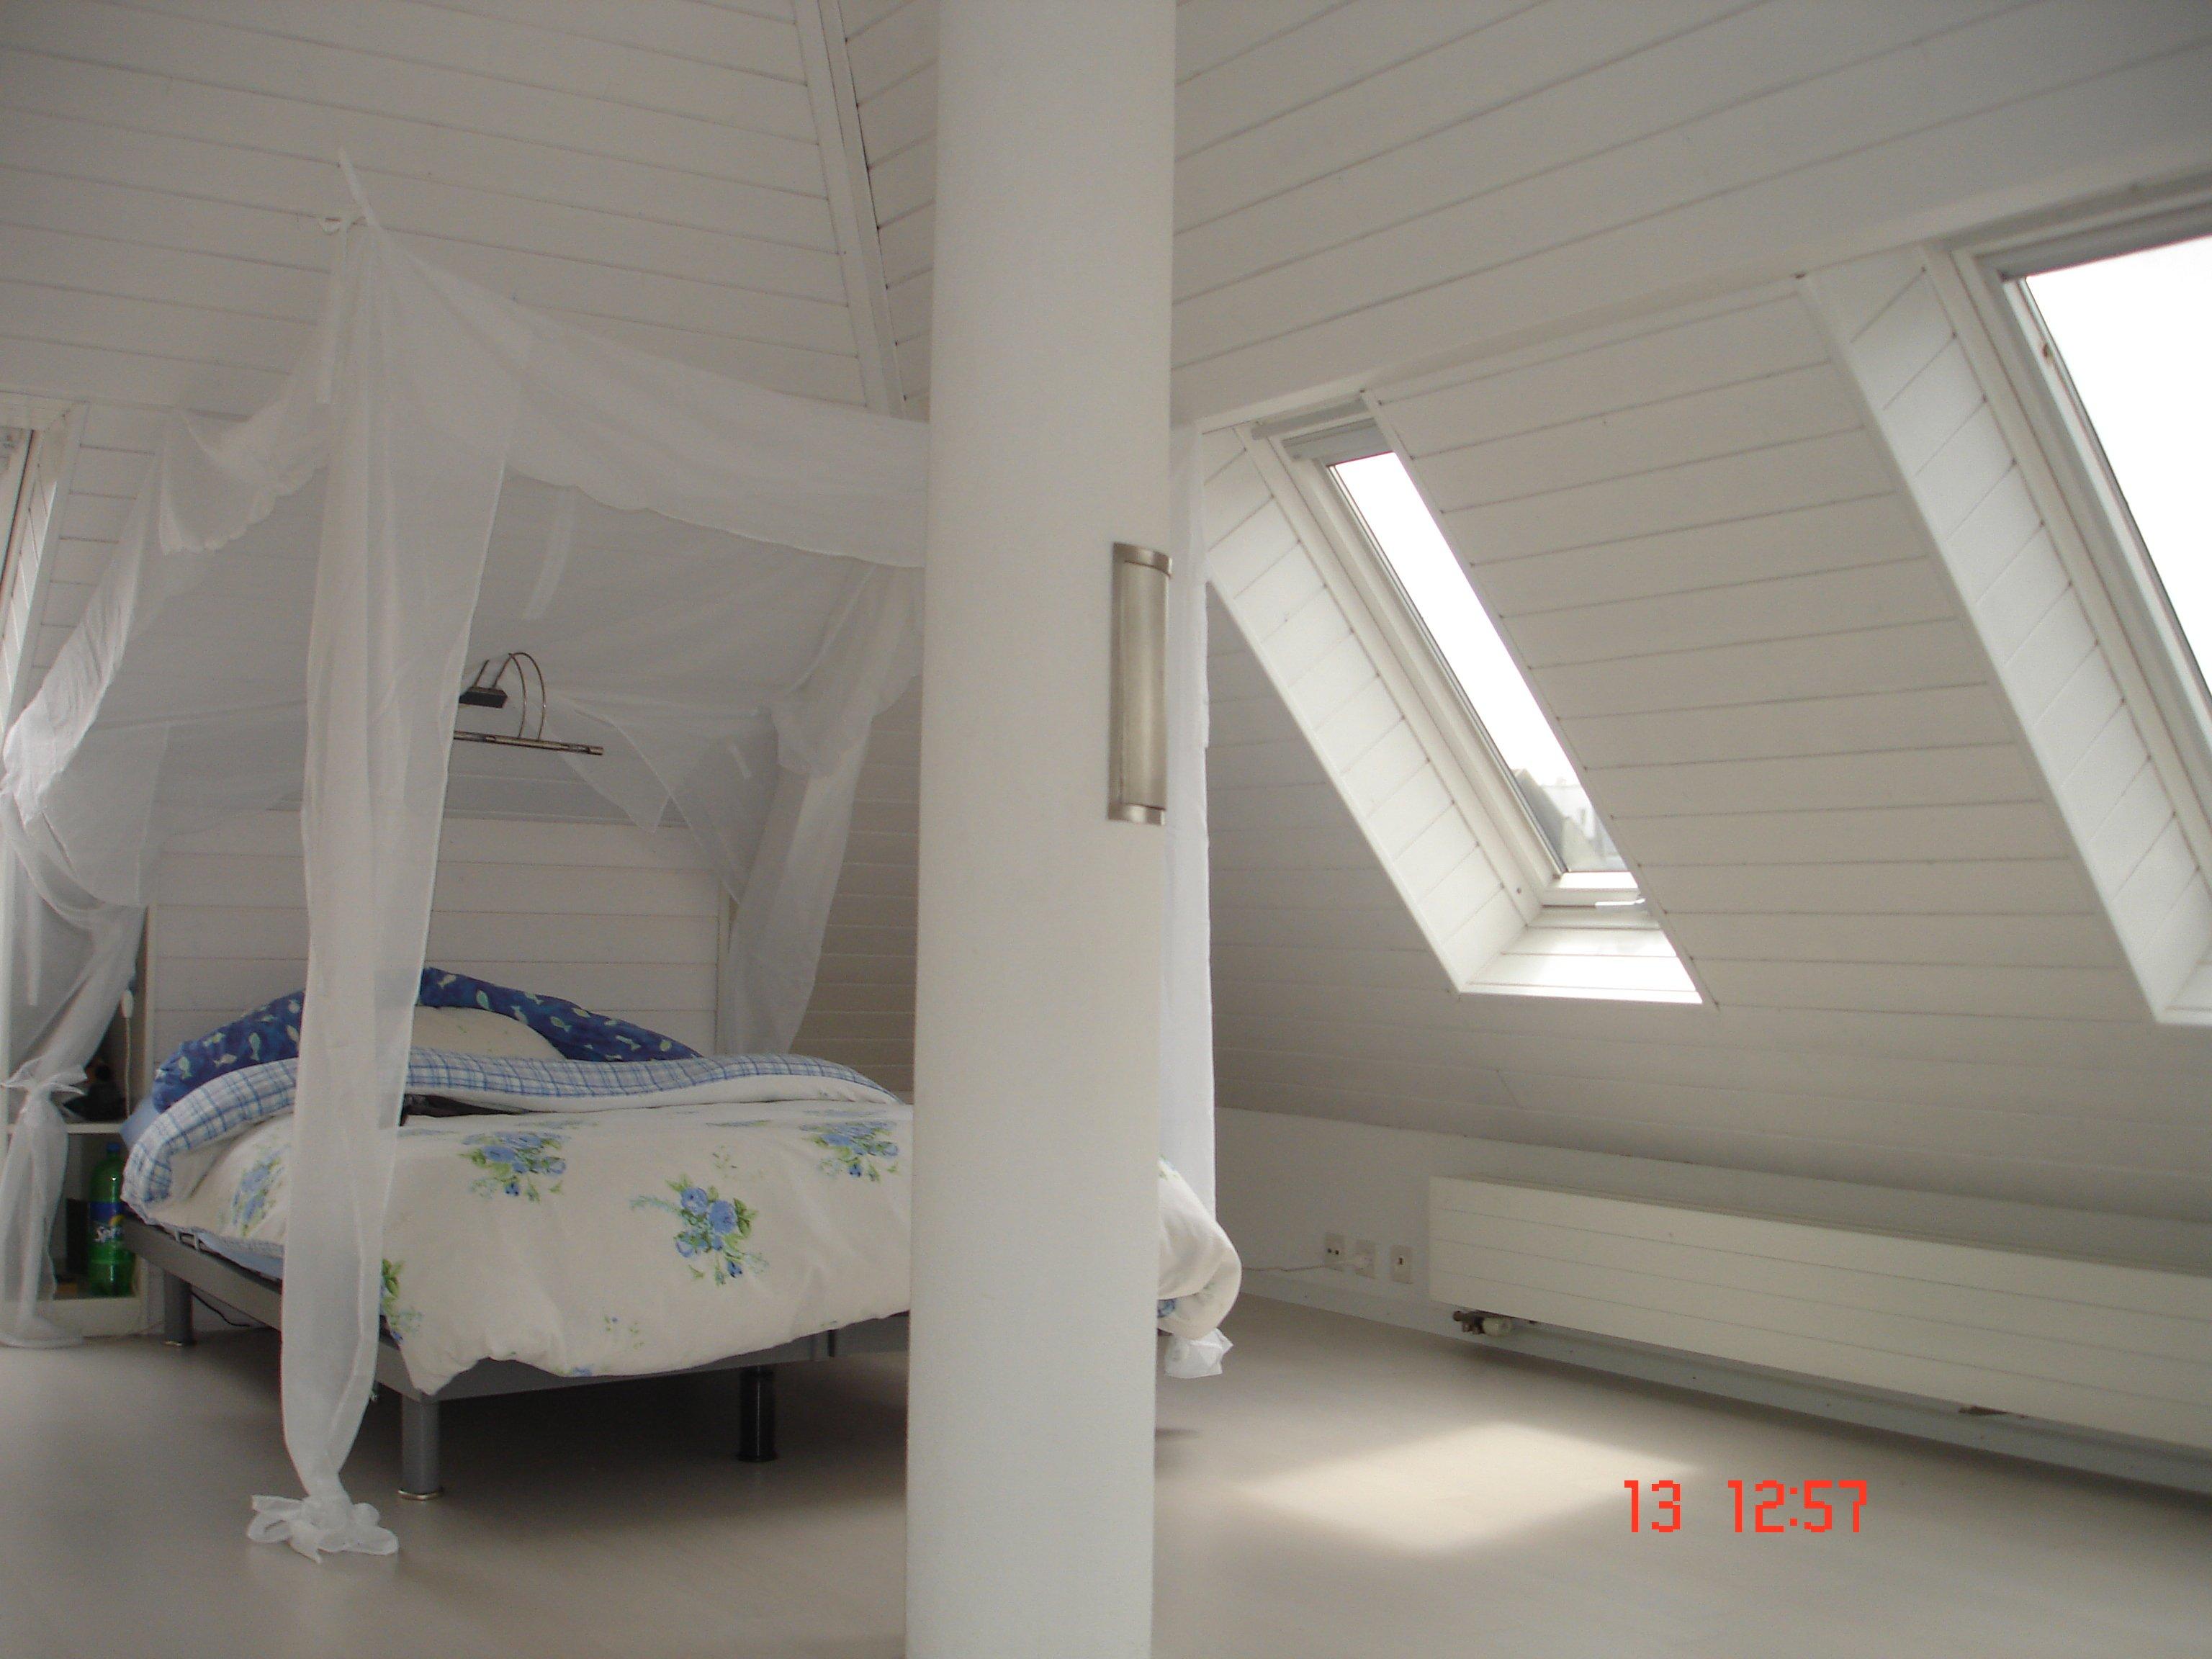 Schlafzimmer \'Mein Schlafzimmer im Dachstock\' - Schuggy\'s - Zimmerschau